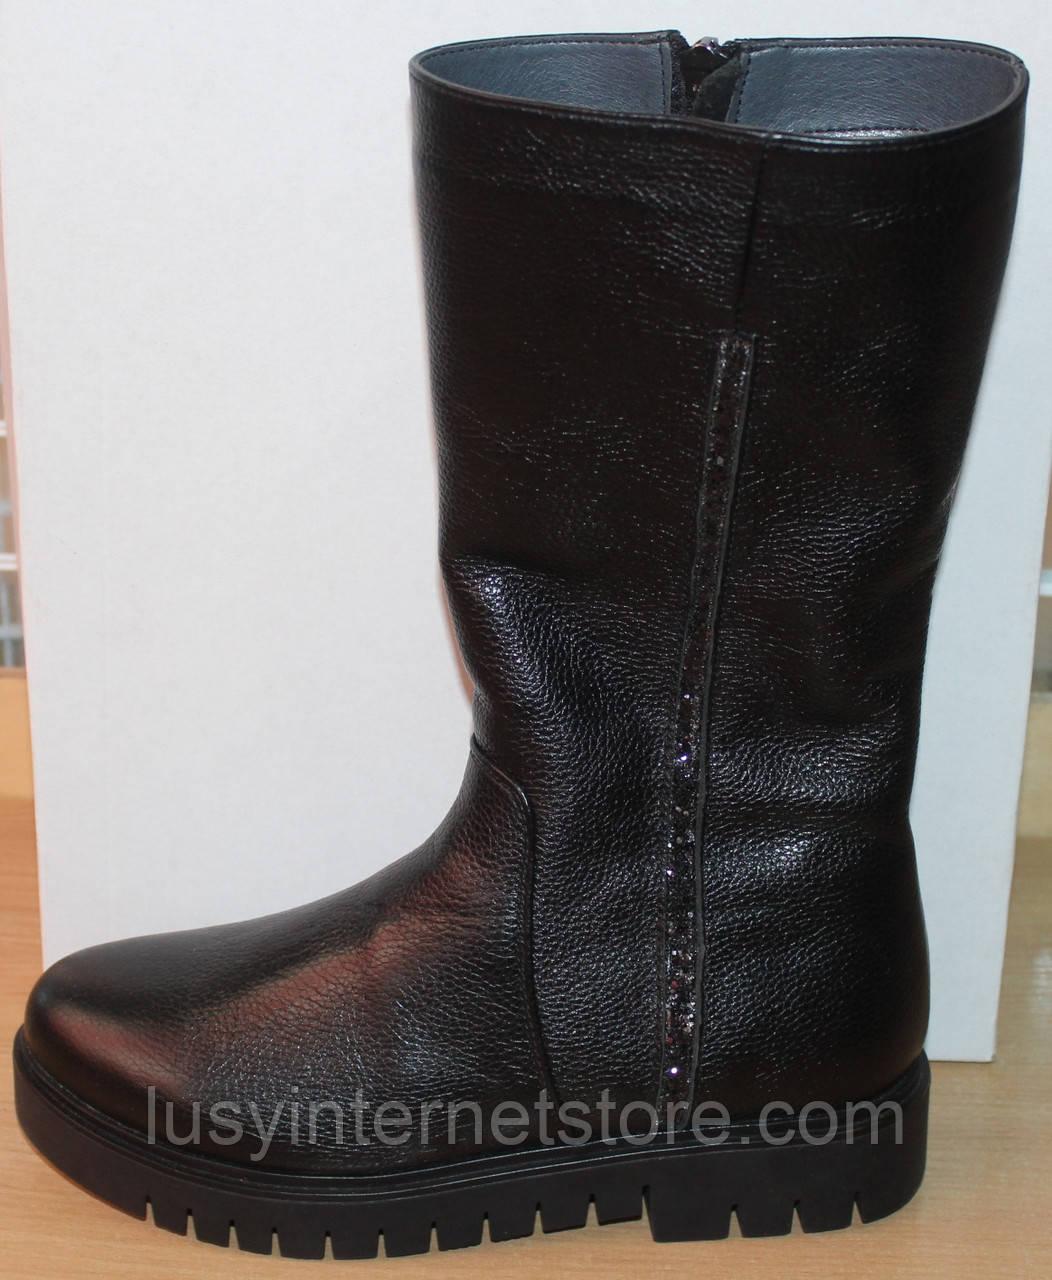 Сапоги зимние кожаные женские на широкую ногу от производителя модель СА258